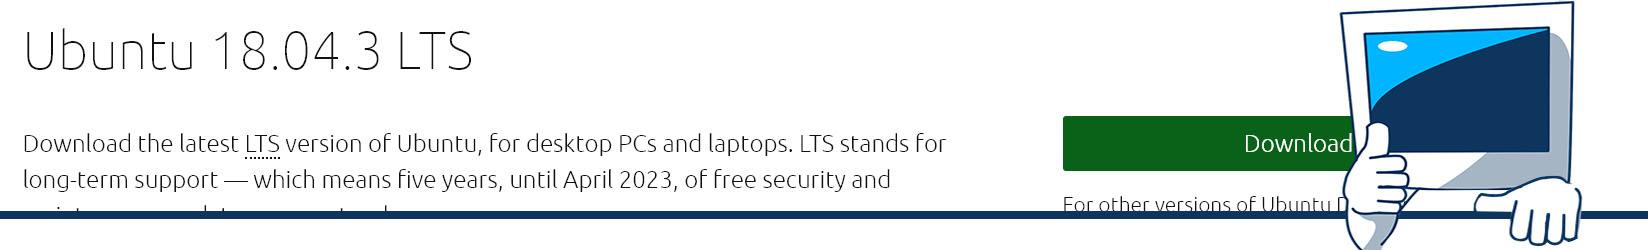 Guía de instalación de GNU/Linux paso a paso: fácil y rápido 1